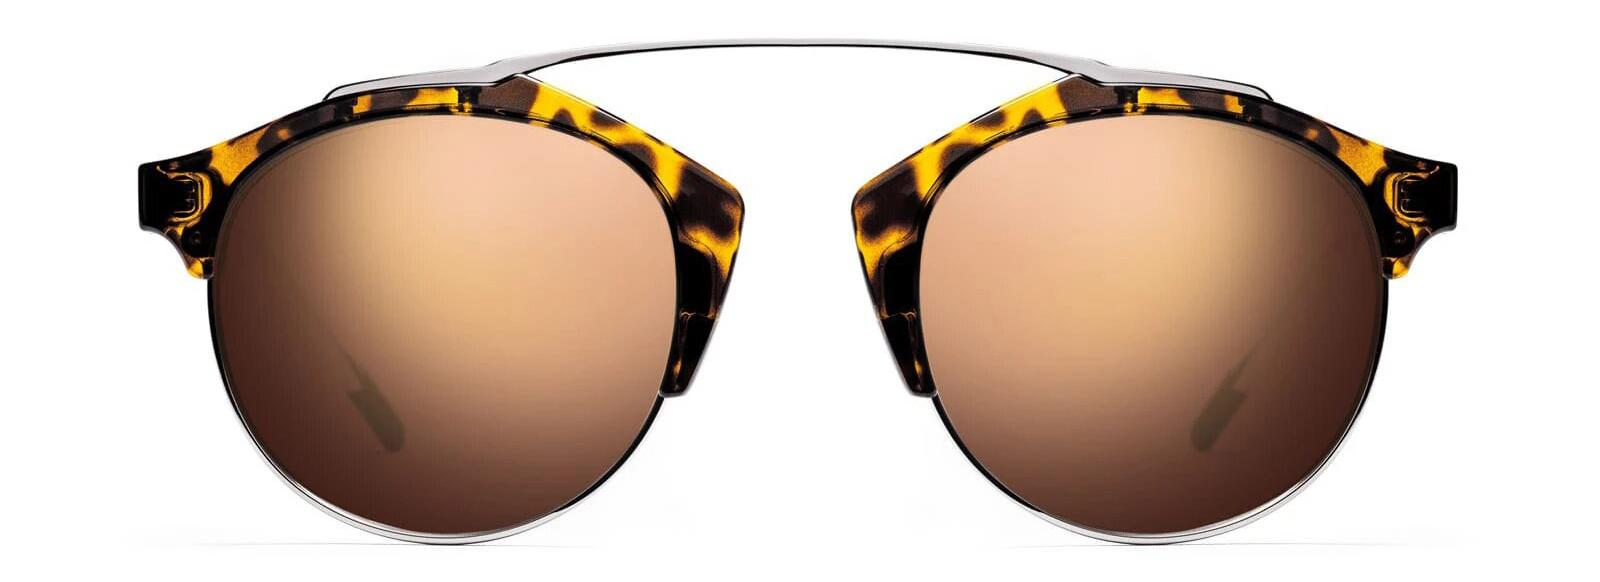 mallorca sunglasses